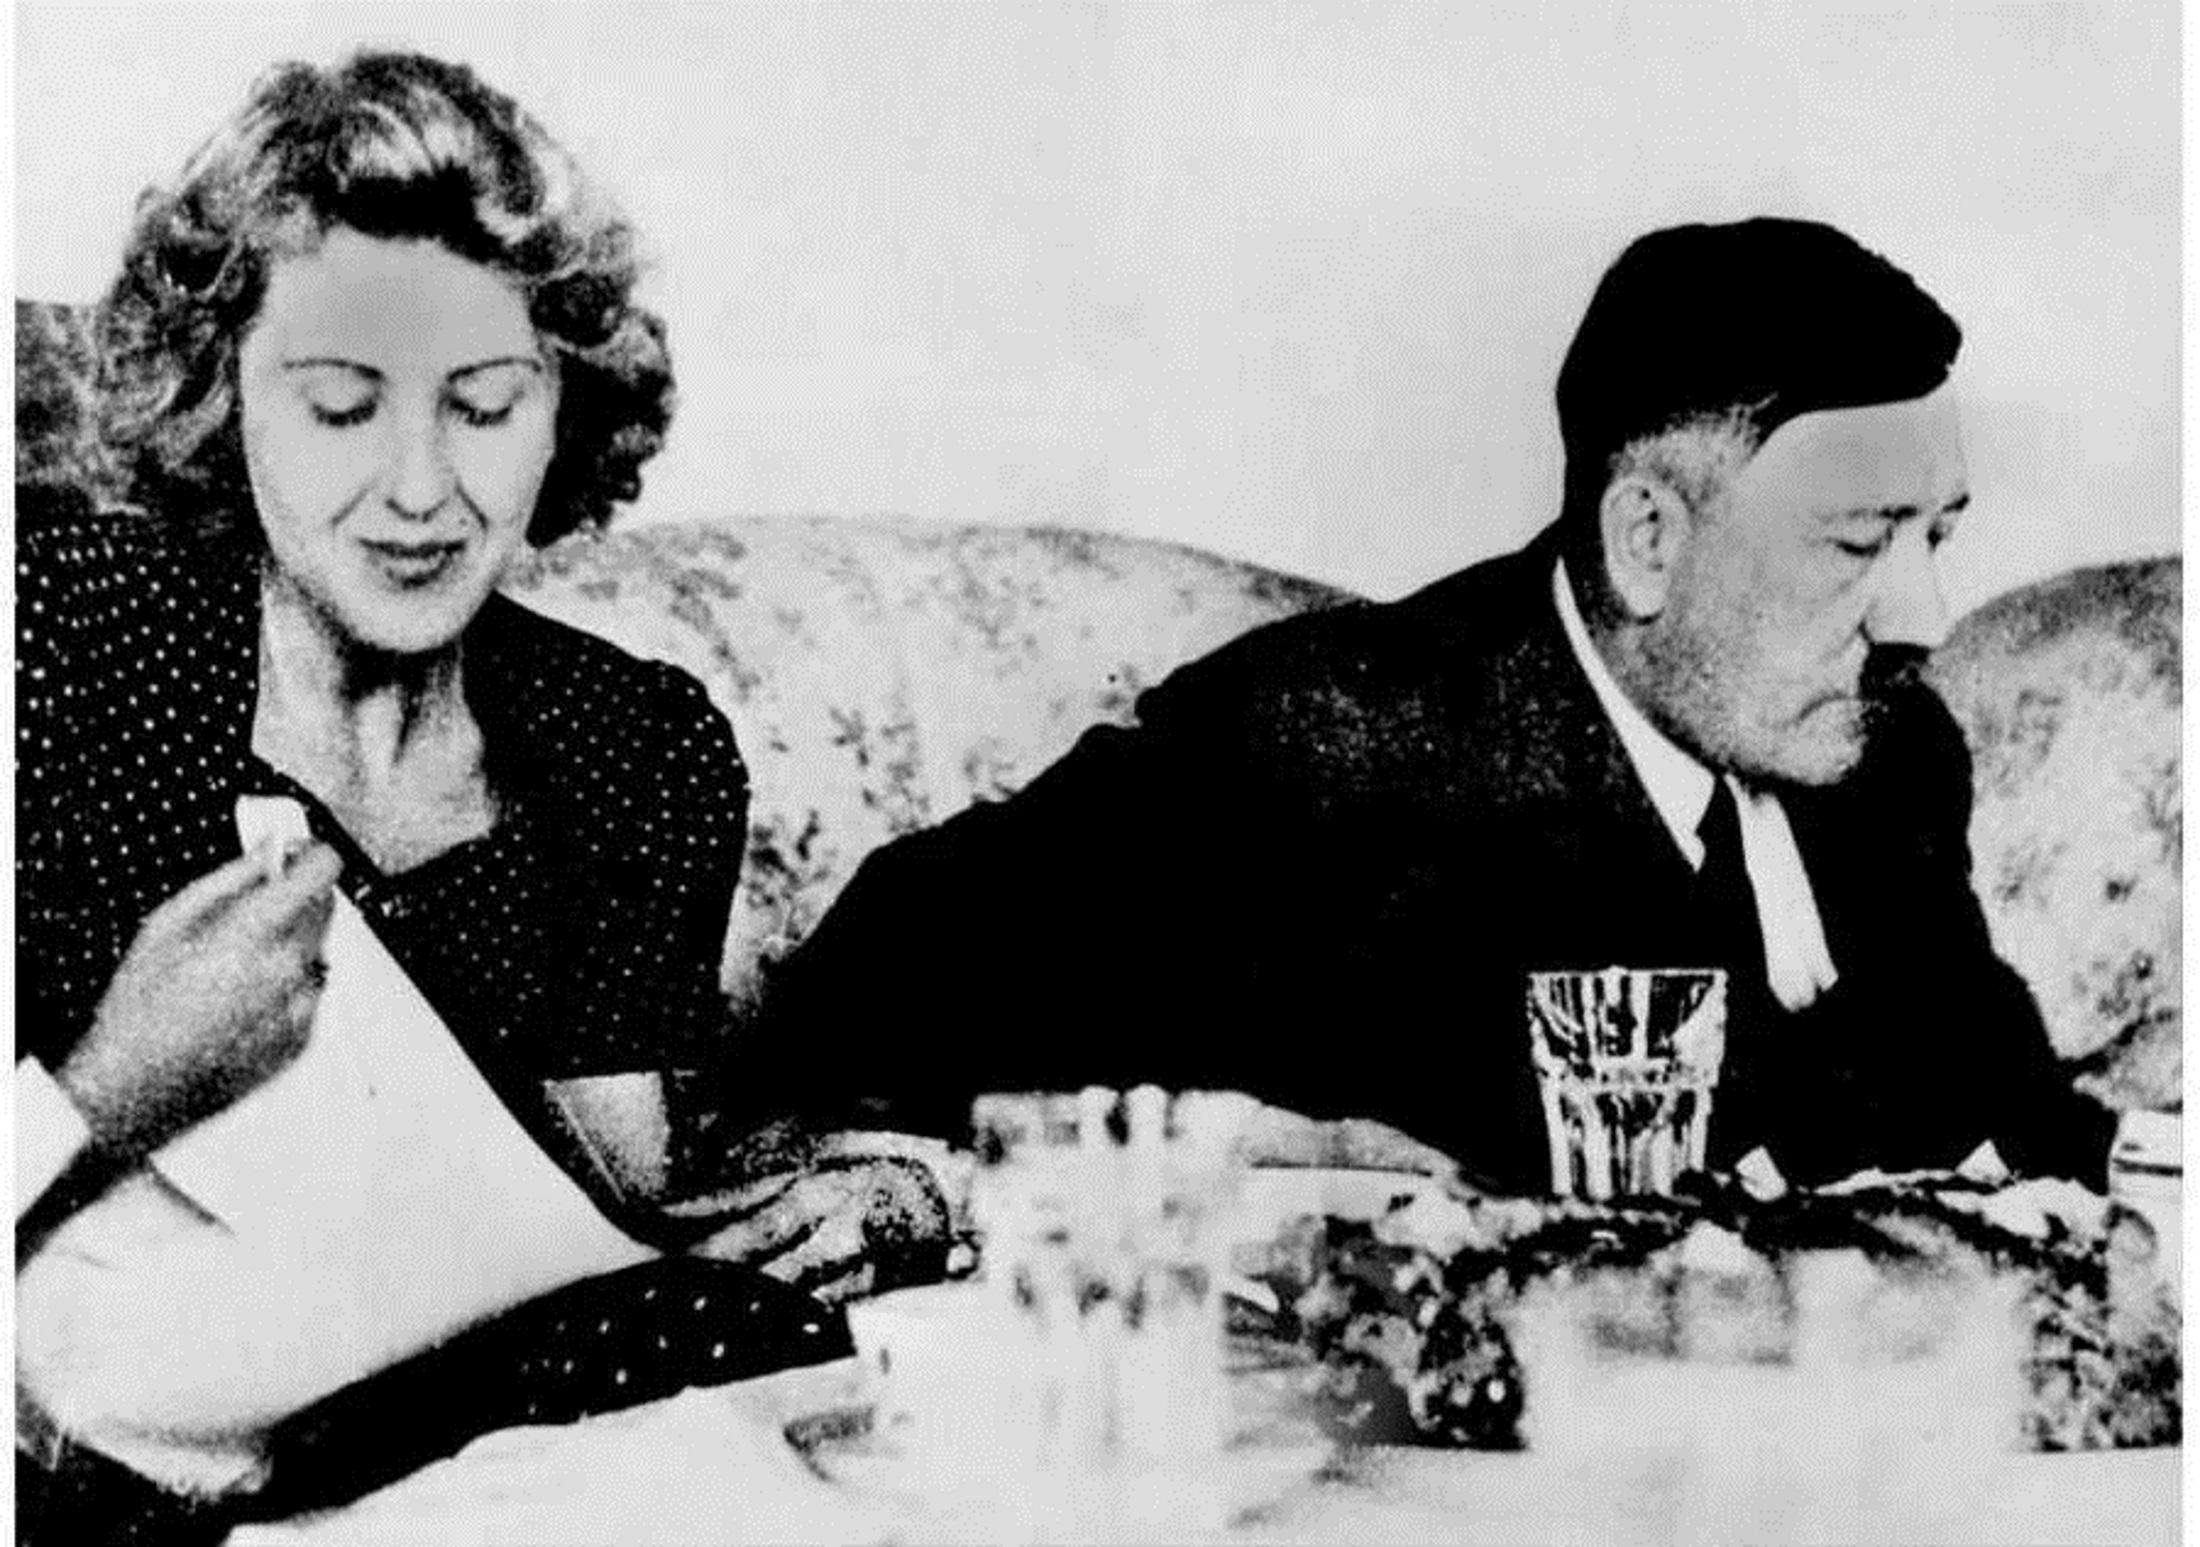 Ο ανιψιός του Χίτλερ που άλλαξε όνομα και μετακόμισε στην Αμερική